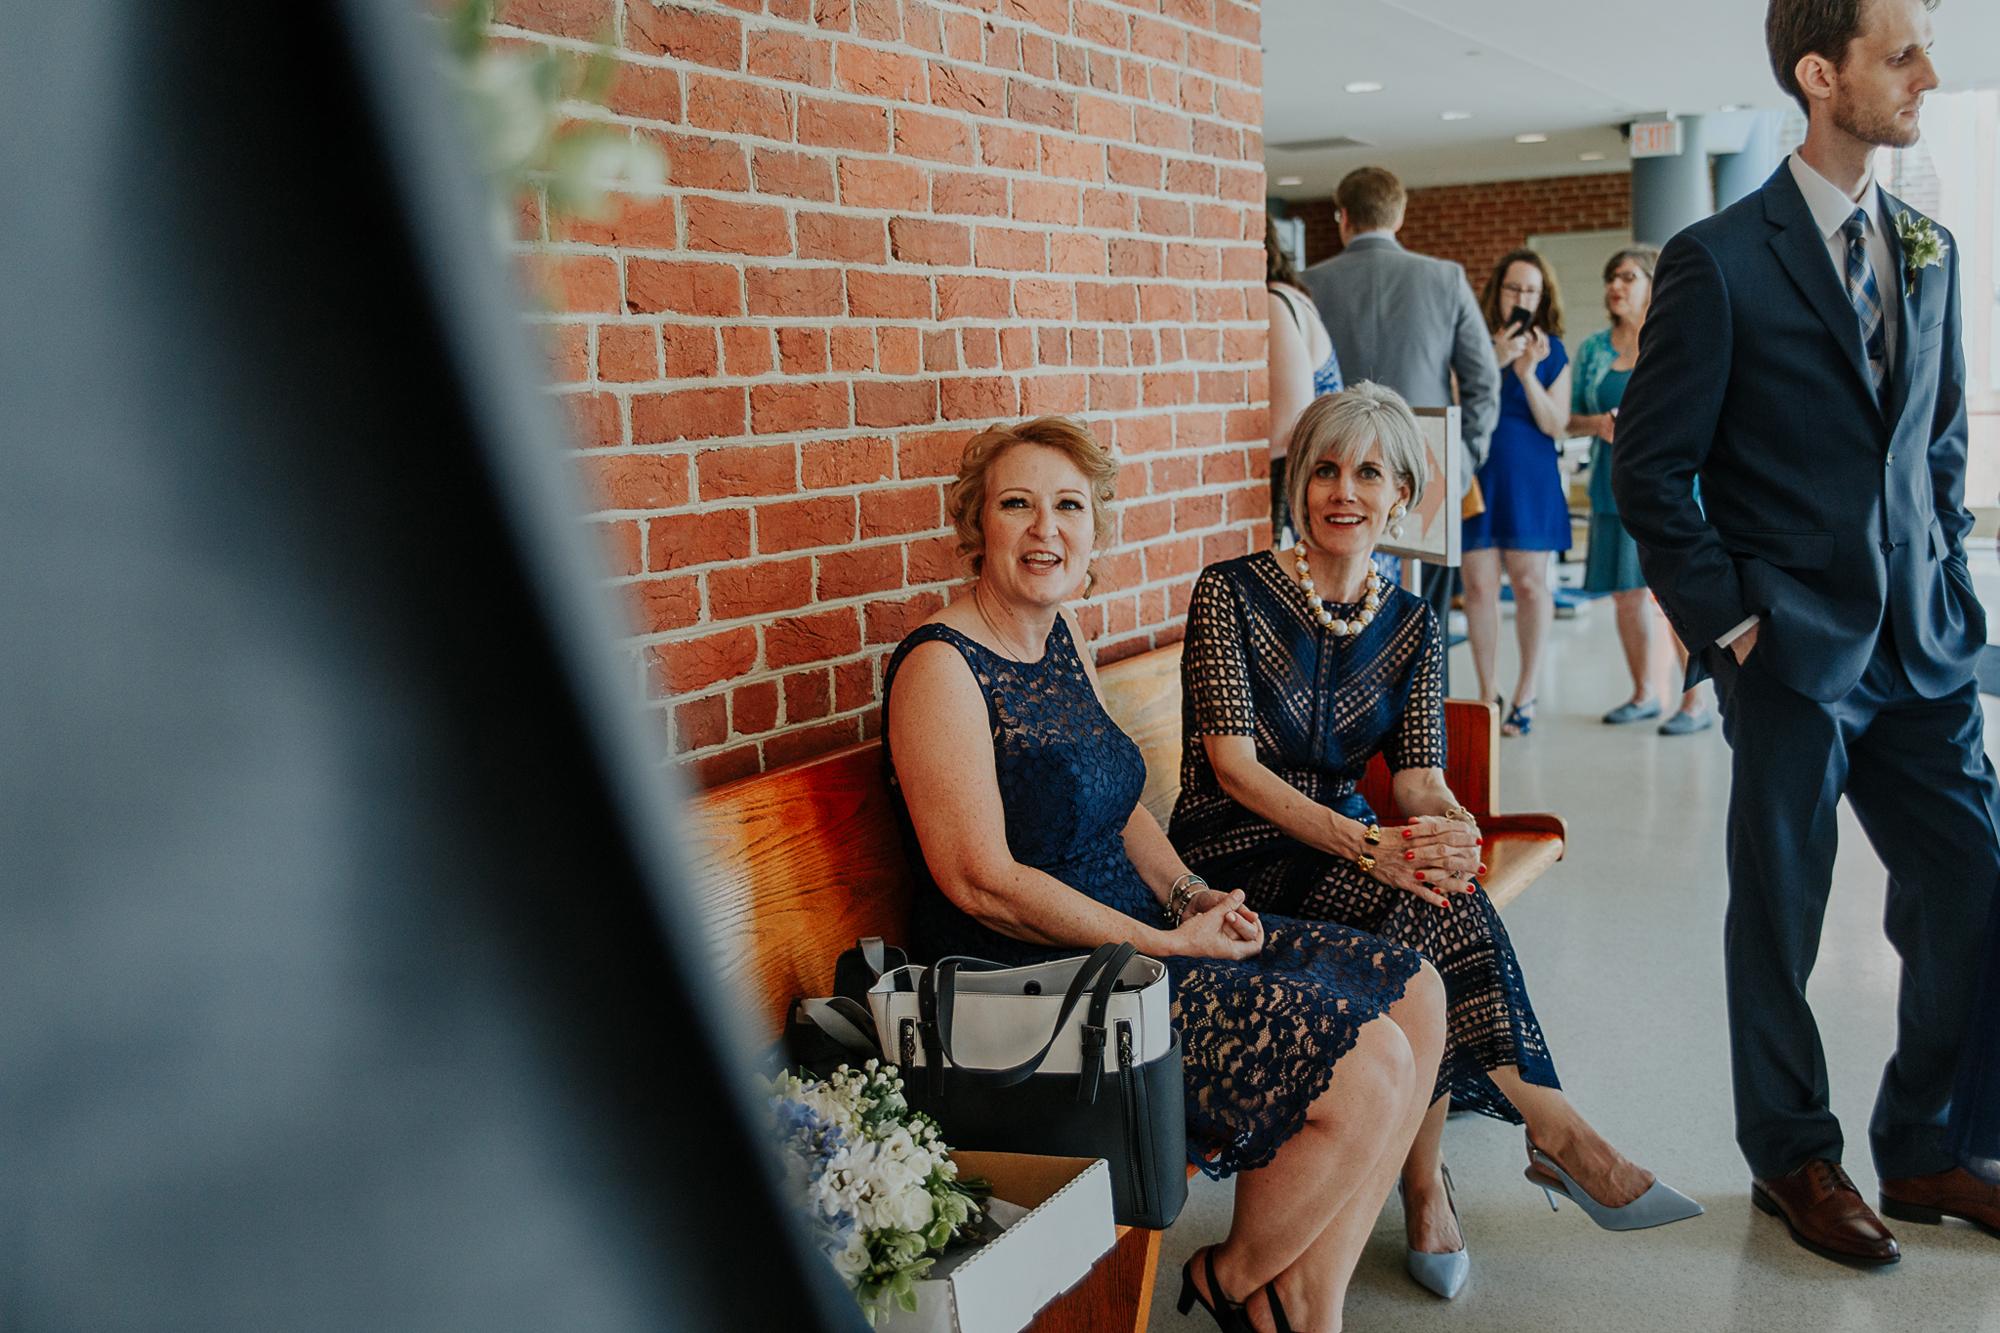 046-annapolis_courthouse_wedding.jpg